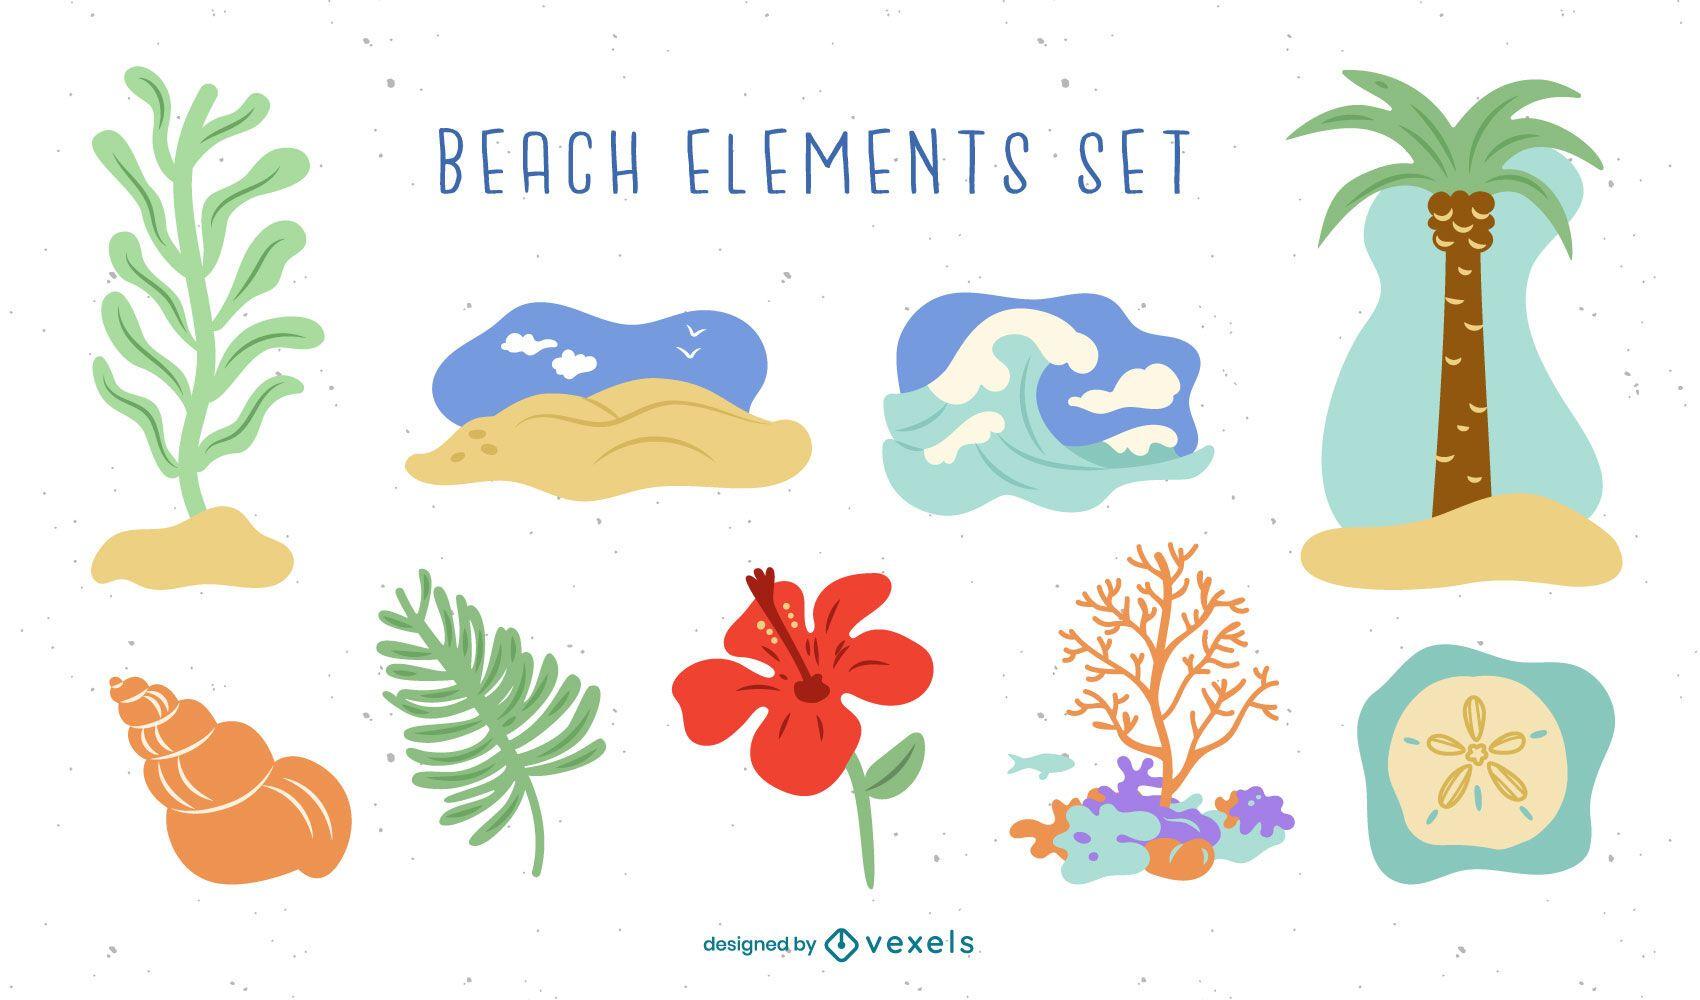 Beach elements set